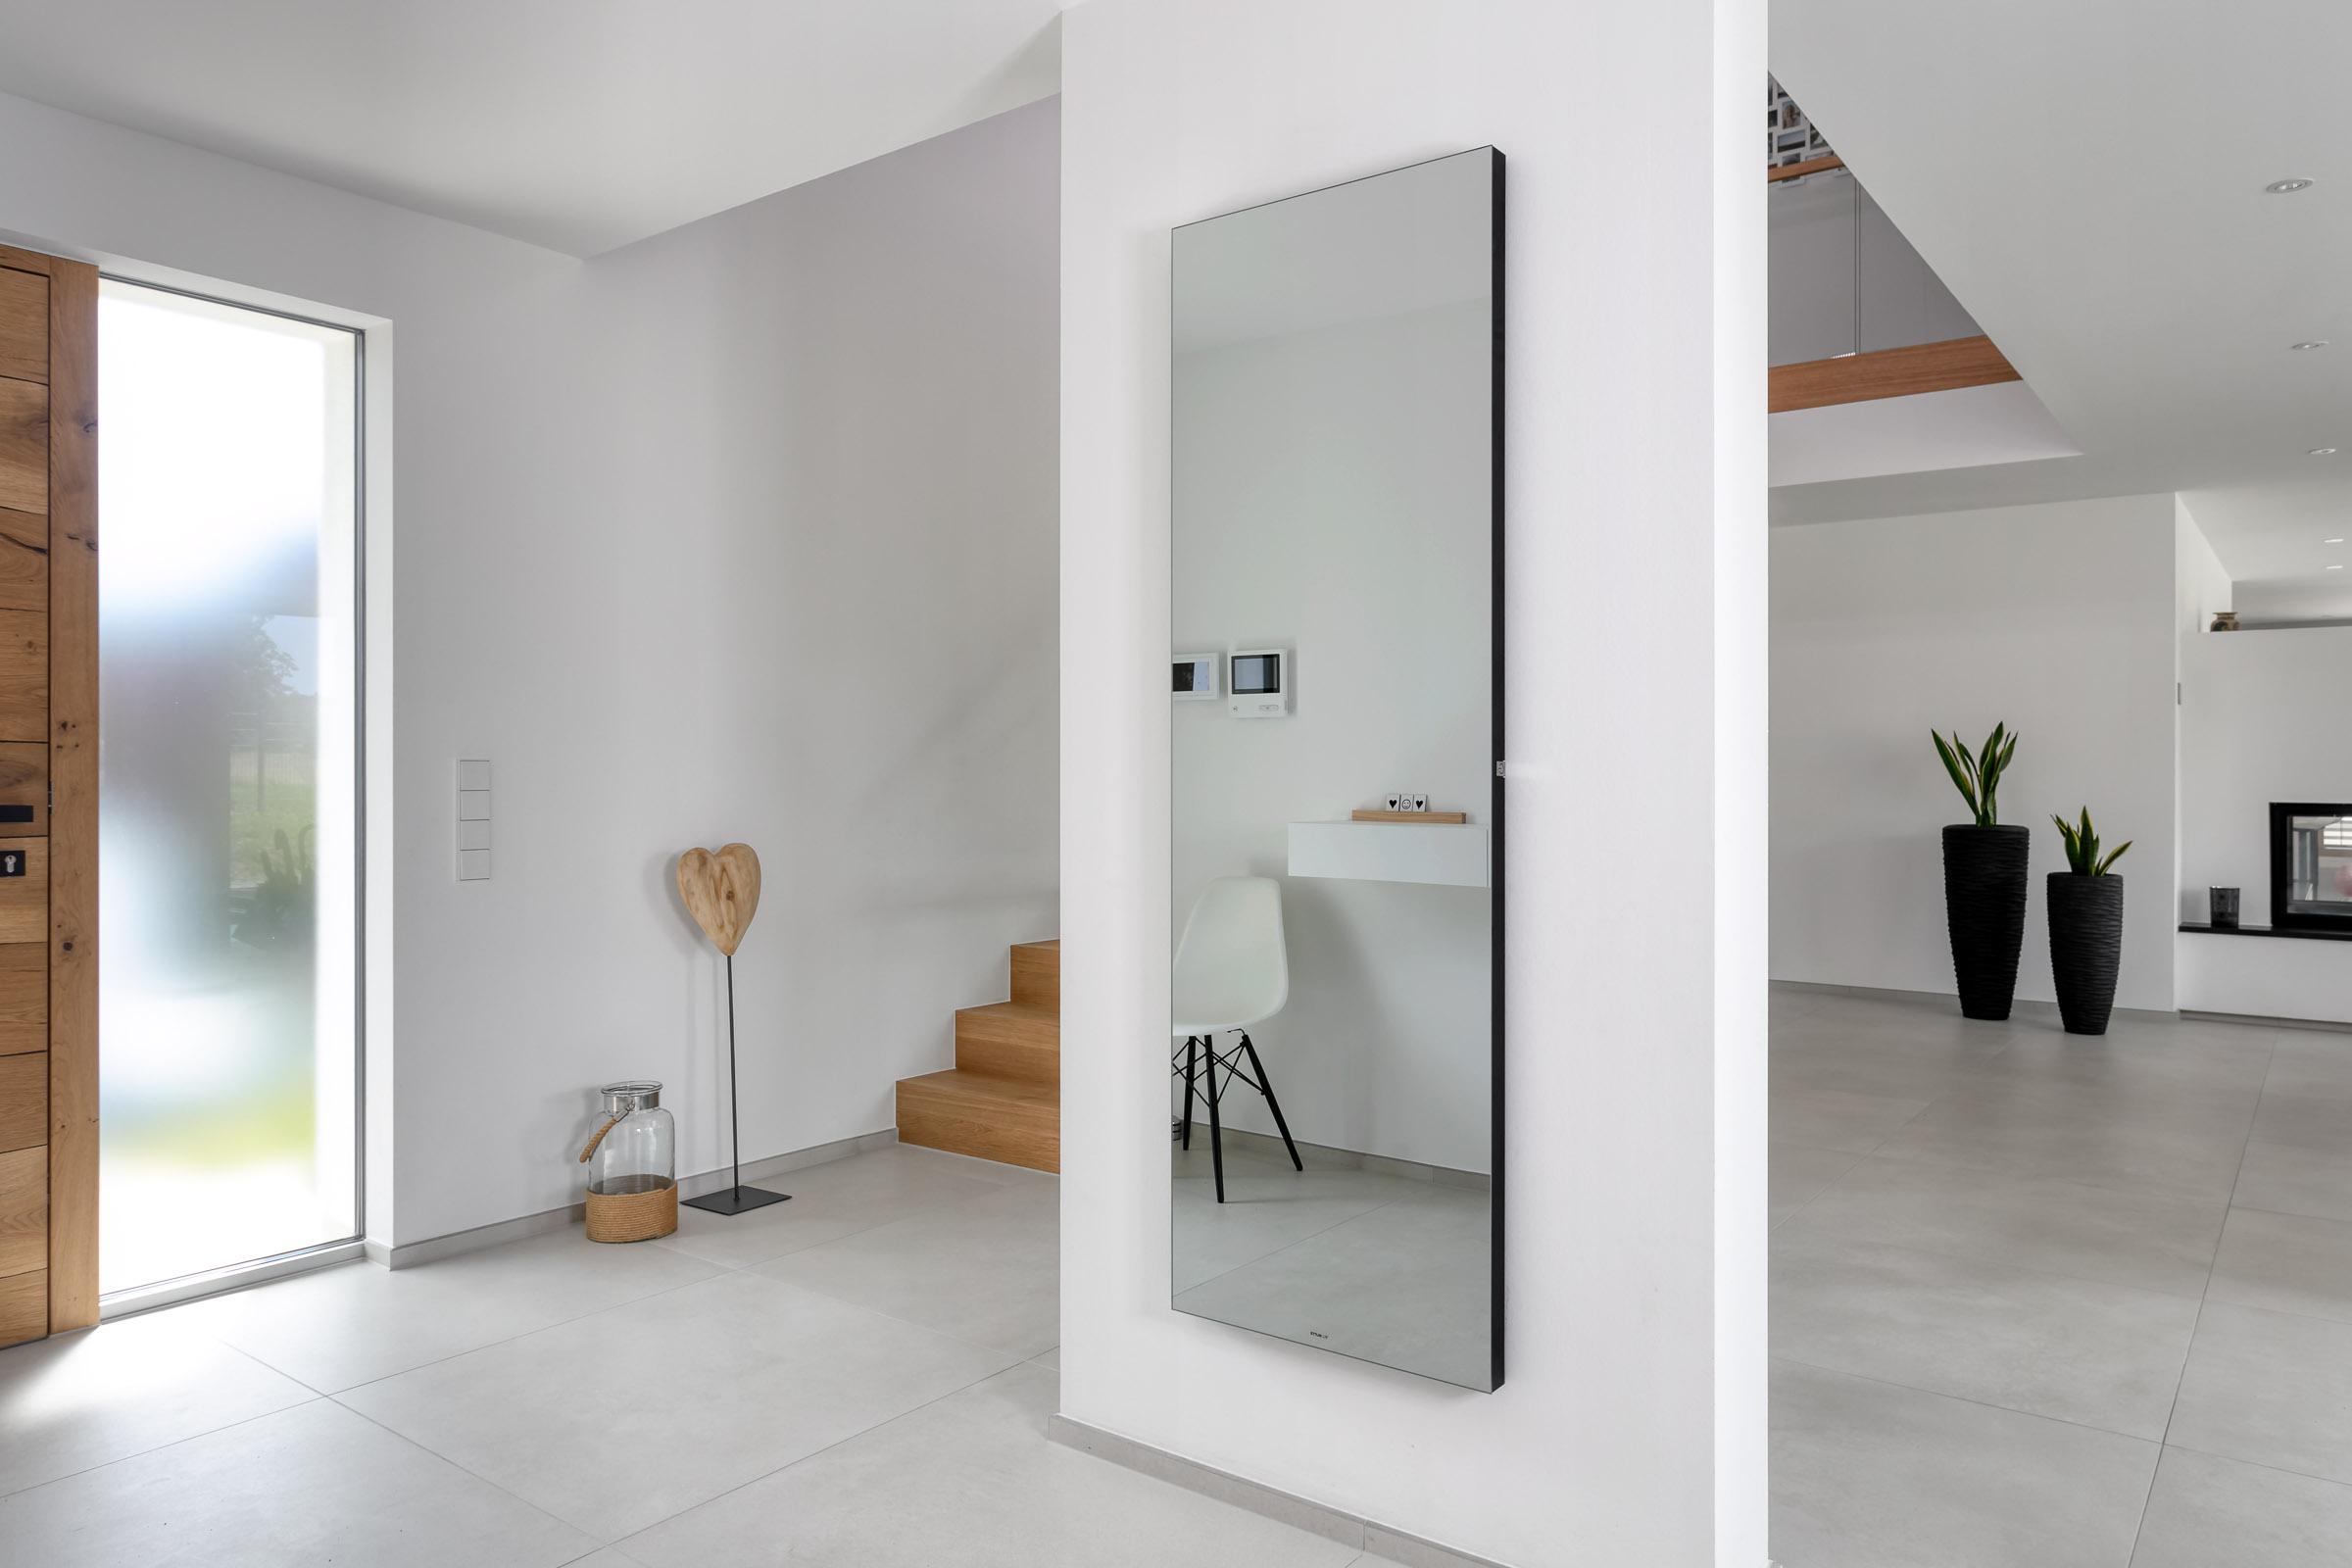 Ambiloom® Mirror 1700 ist ein moderner Ganzkörperspiegel mit ambienter Beleuchtung.